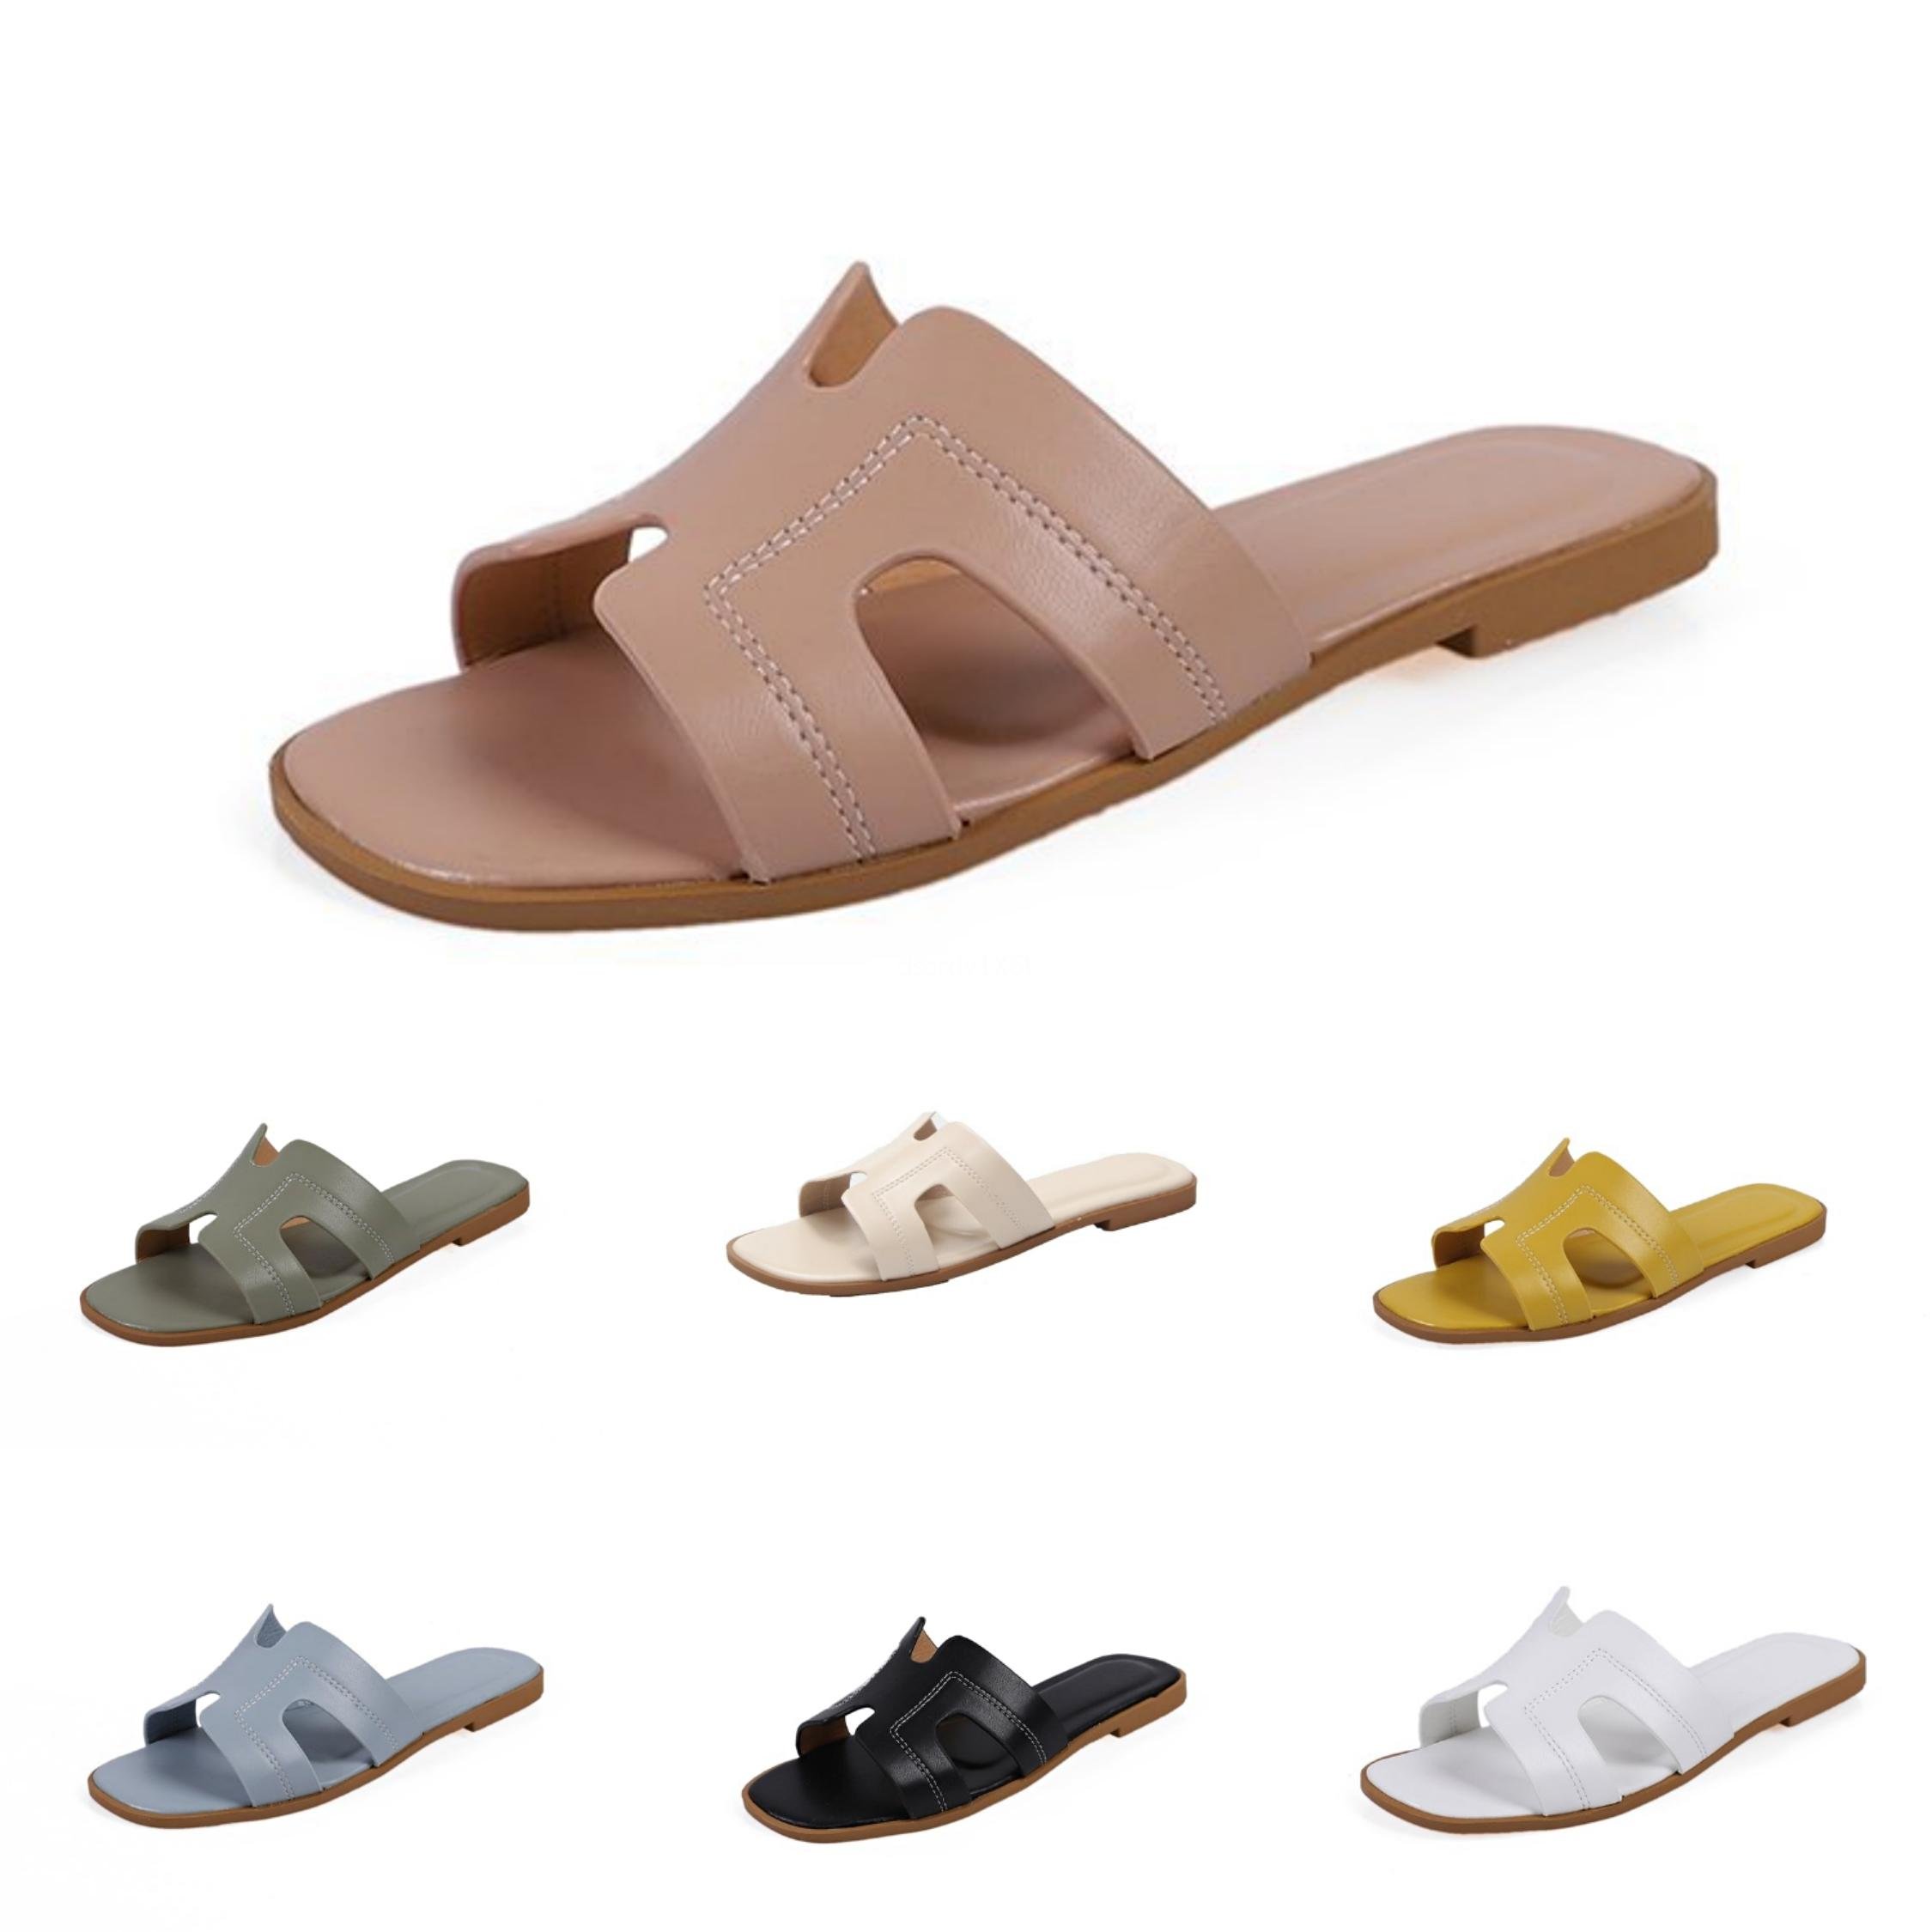 Hommes Plage Chaussons 2020 Mode d'été pour les garçons sauvages Chaussures Casual non-Slip pour les étudiants sportifs Chaussons âge 1-8 Ans # 684